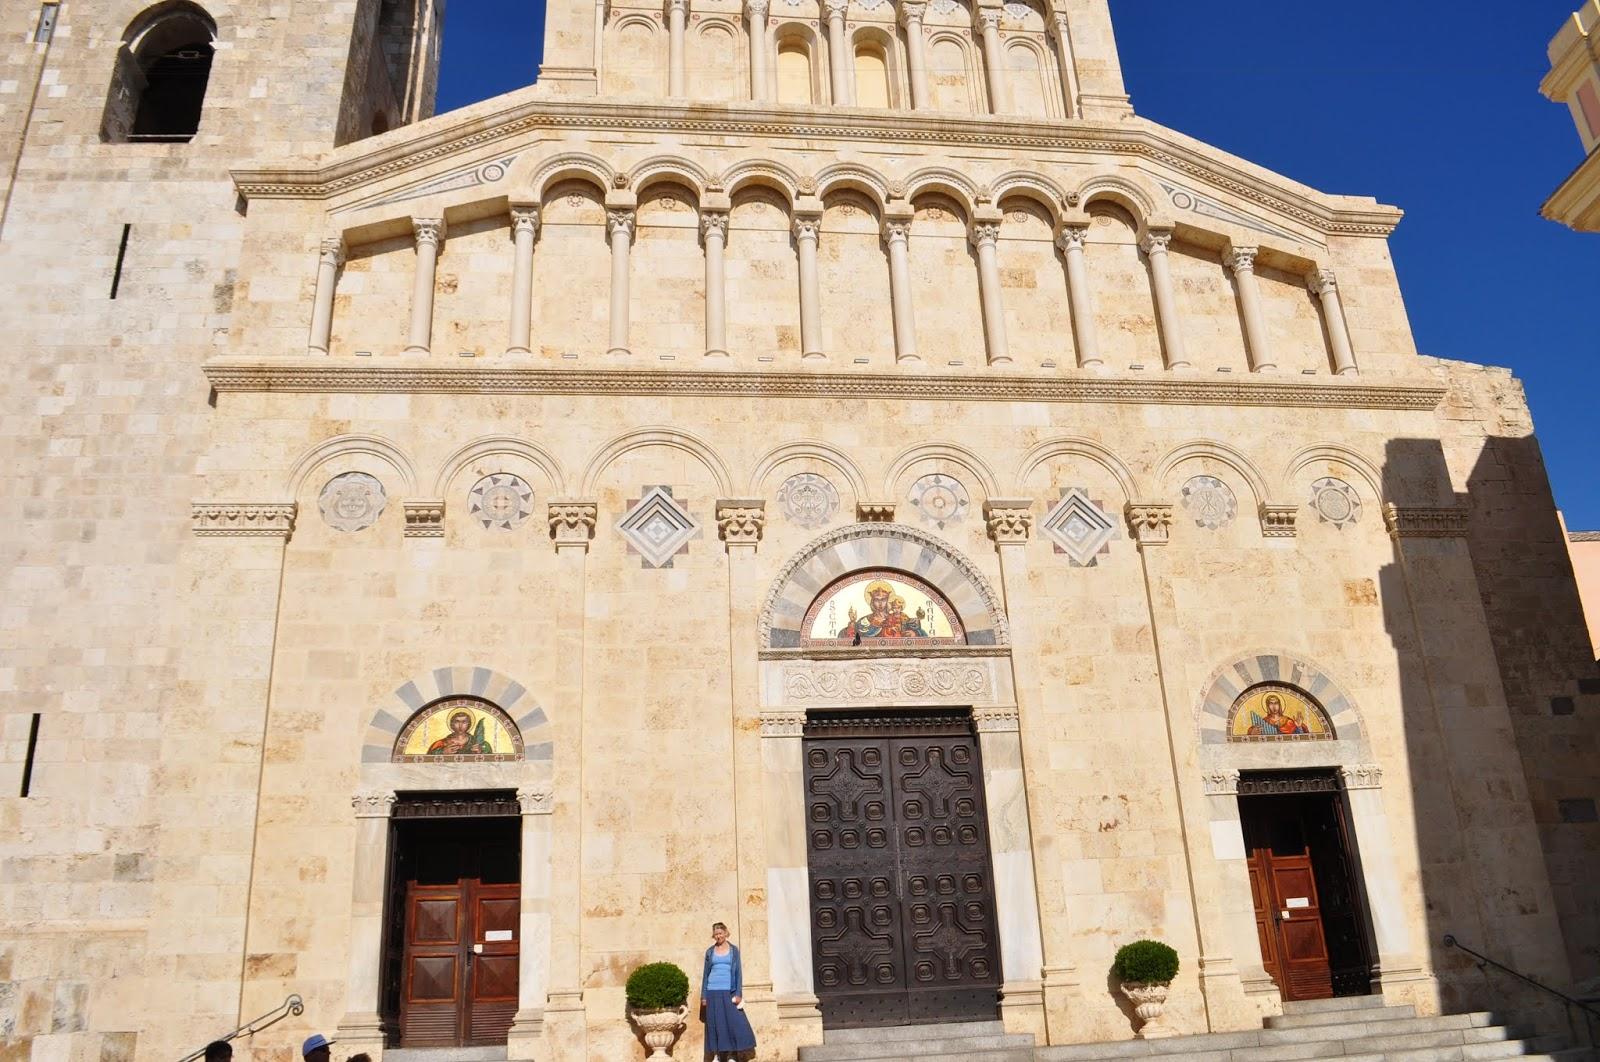 daf9462ccf5 Bastionilt läksime vaatama Cagliari toomkirikut, mida kutsutakse la  Cattedrale di Santa Maria. See on kahtlemata Castello linnaosa noobleim  hoone, ...